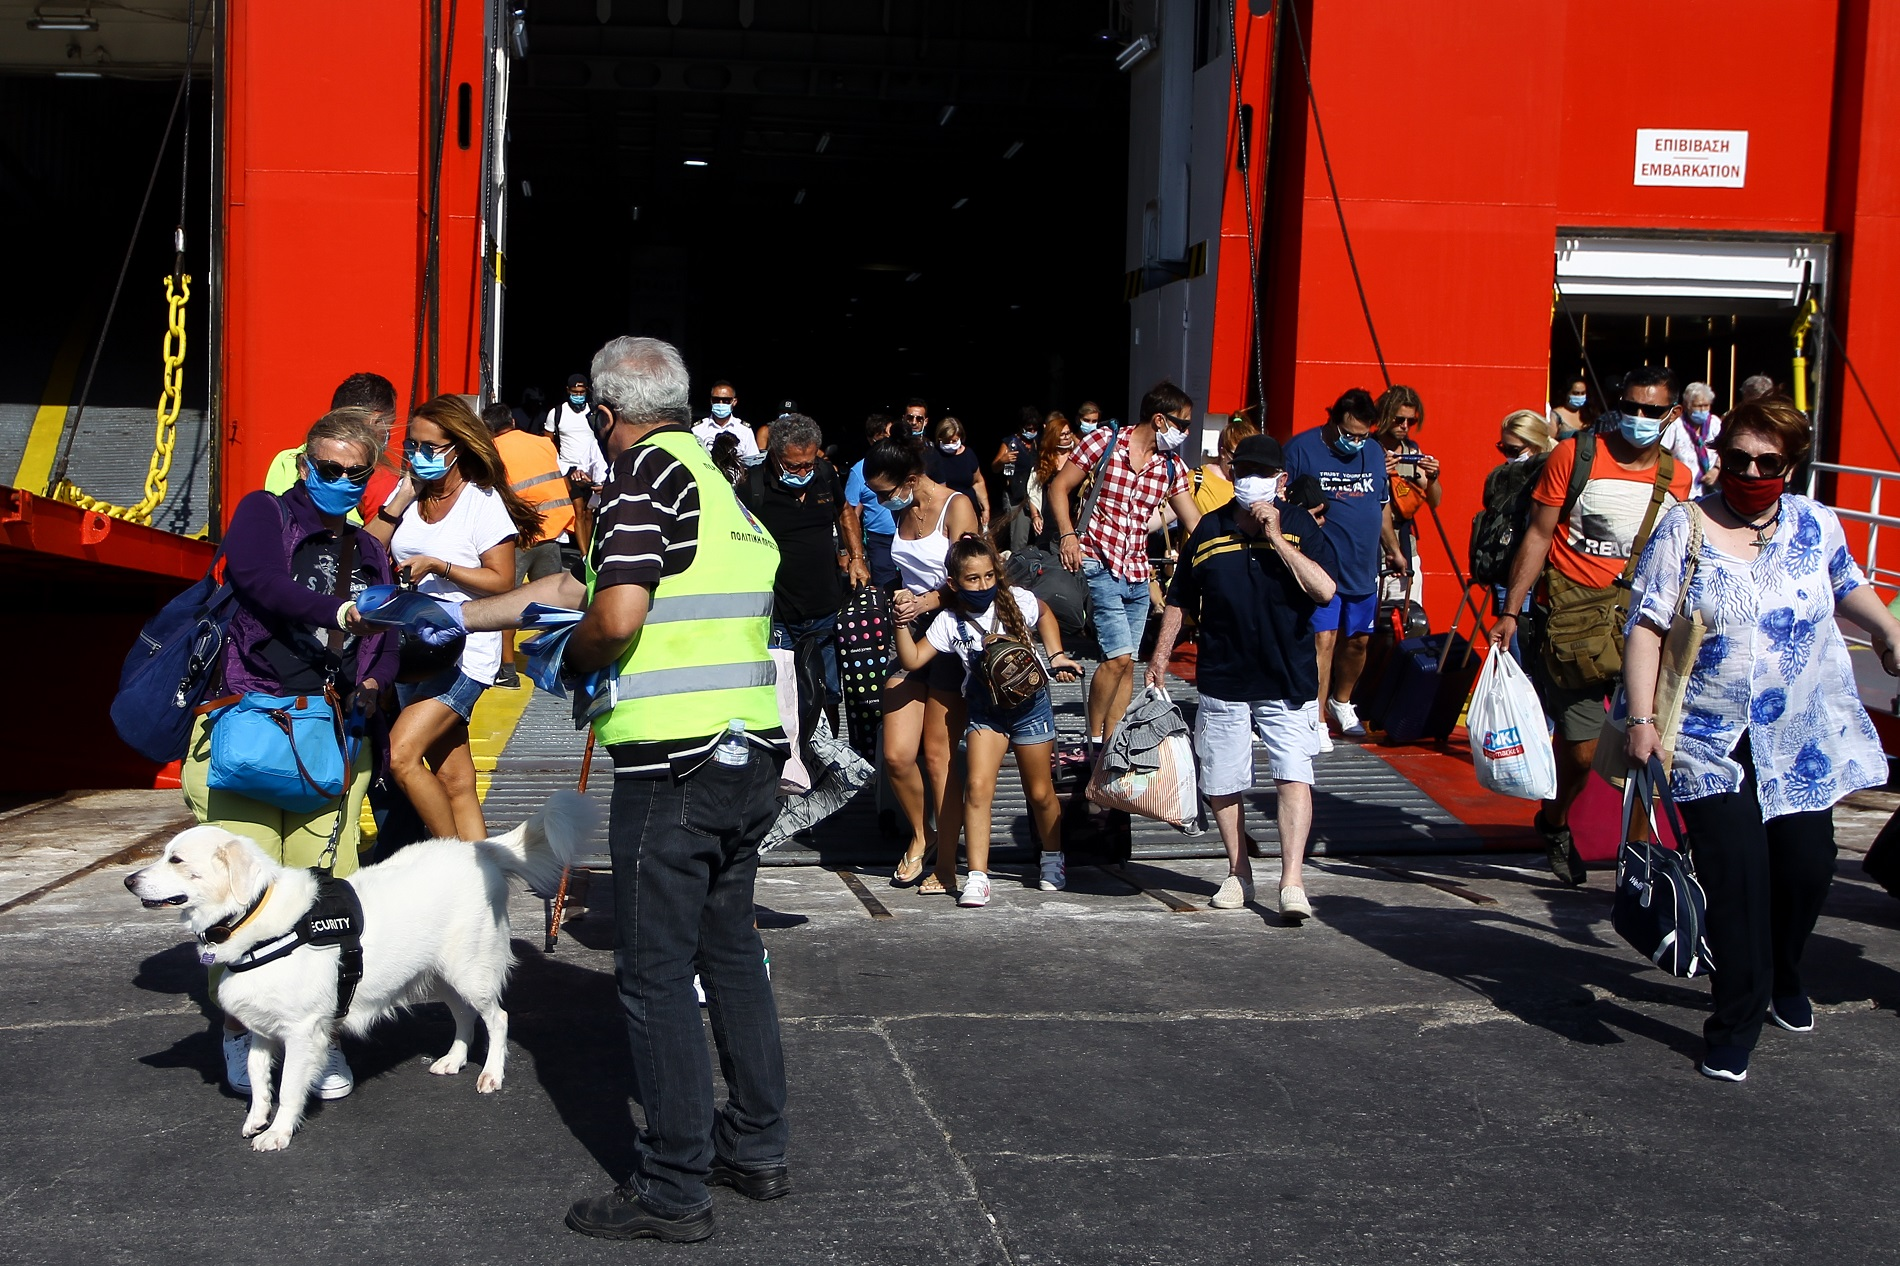 Εντατικοί έλεγχοι στα λιμάνια του Πειραιά και της Θεσσαλονίκης – Τα απαραίτητα έγγραφα για τους ταξιδιώτες